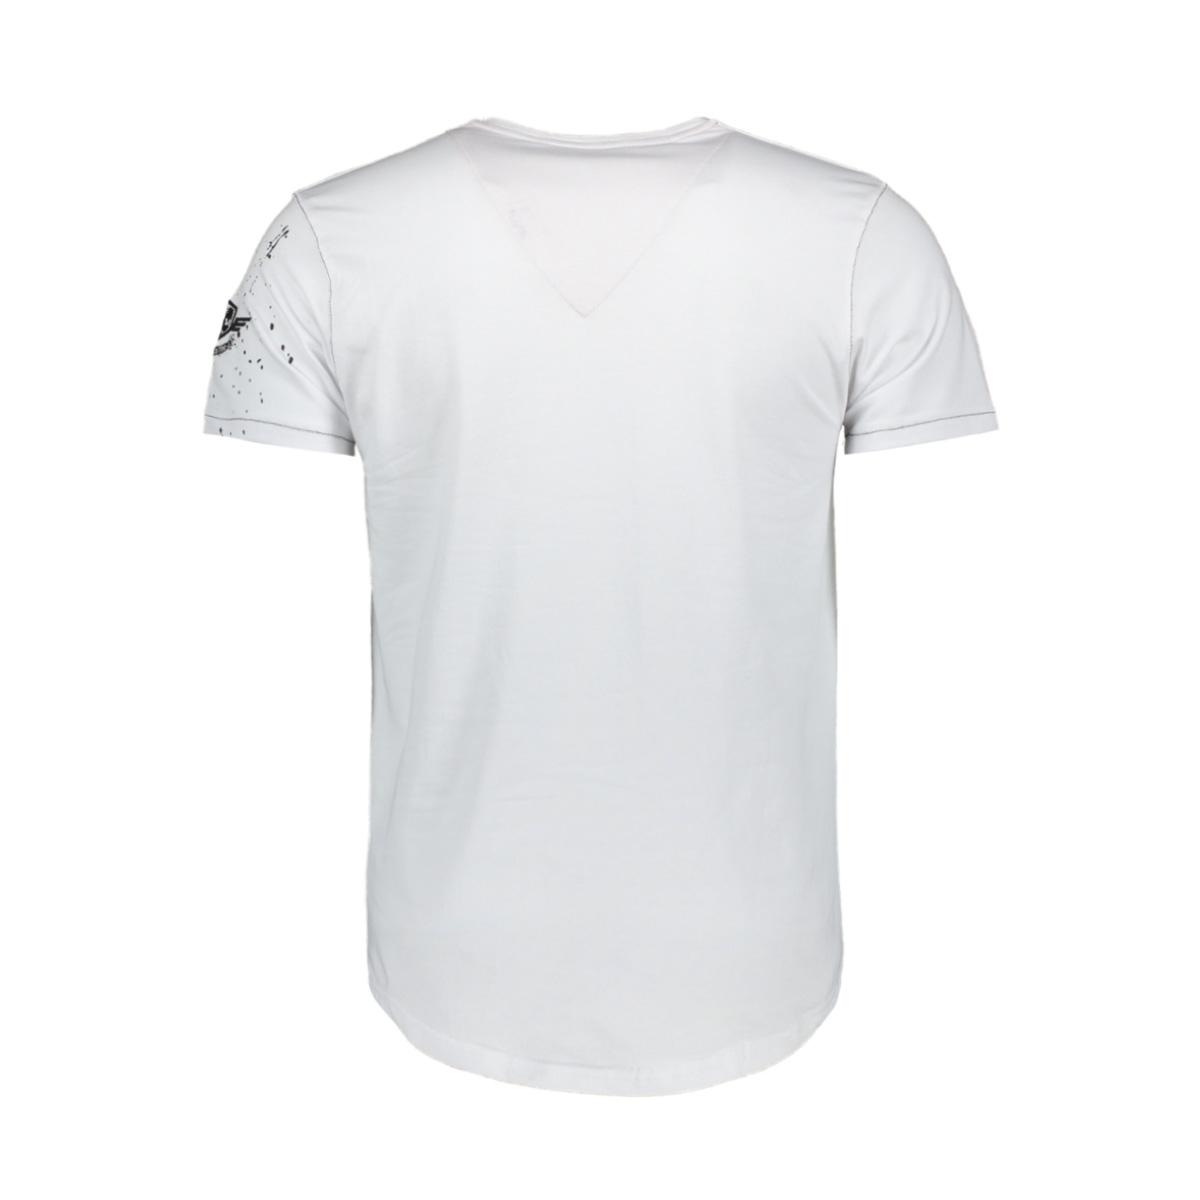 t shirt 13827 gabbiano t-shirt white